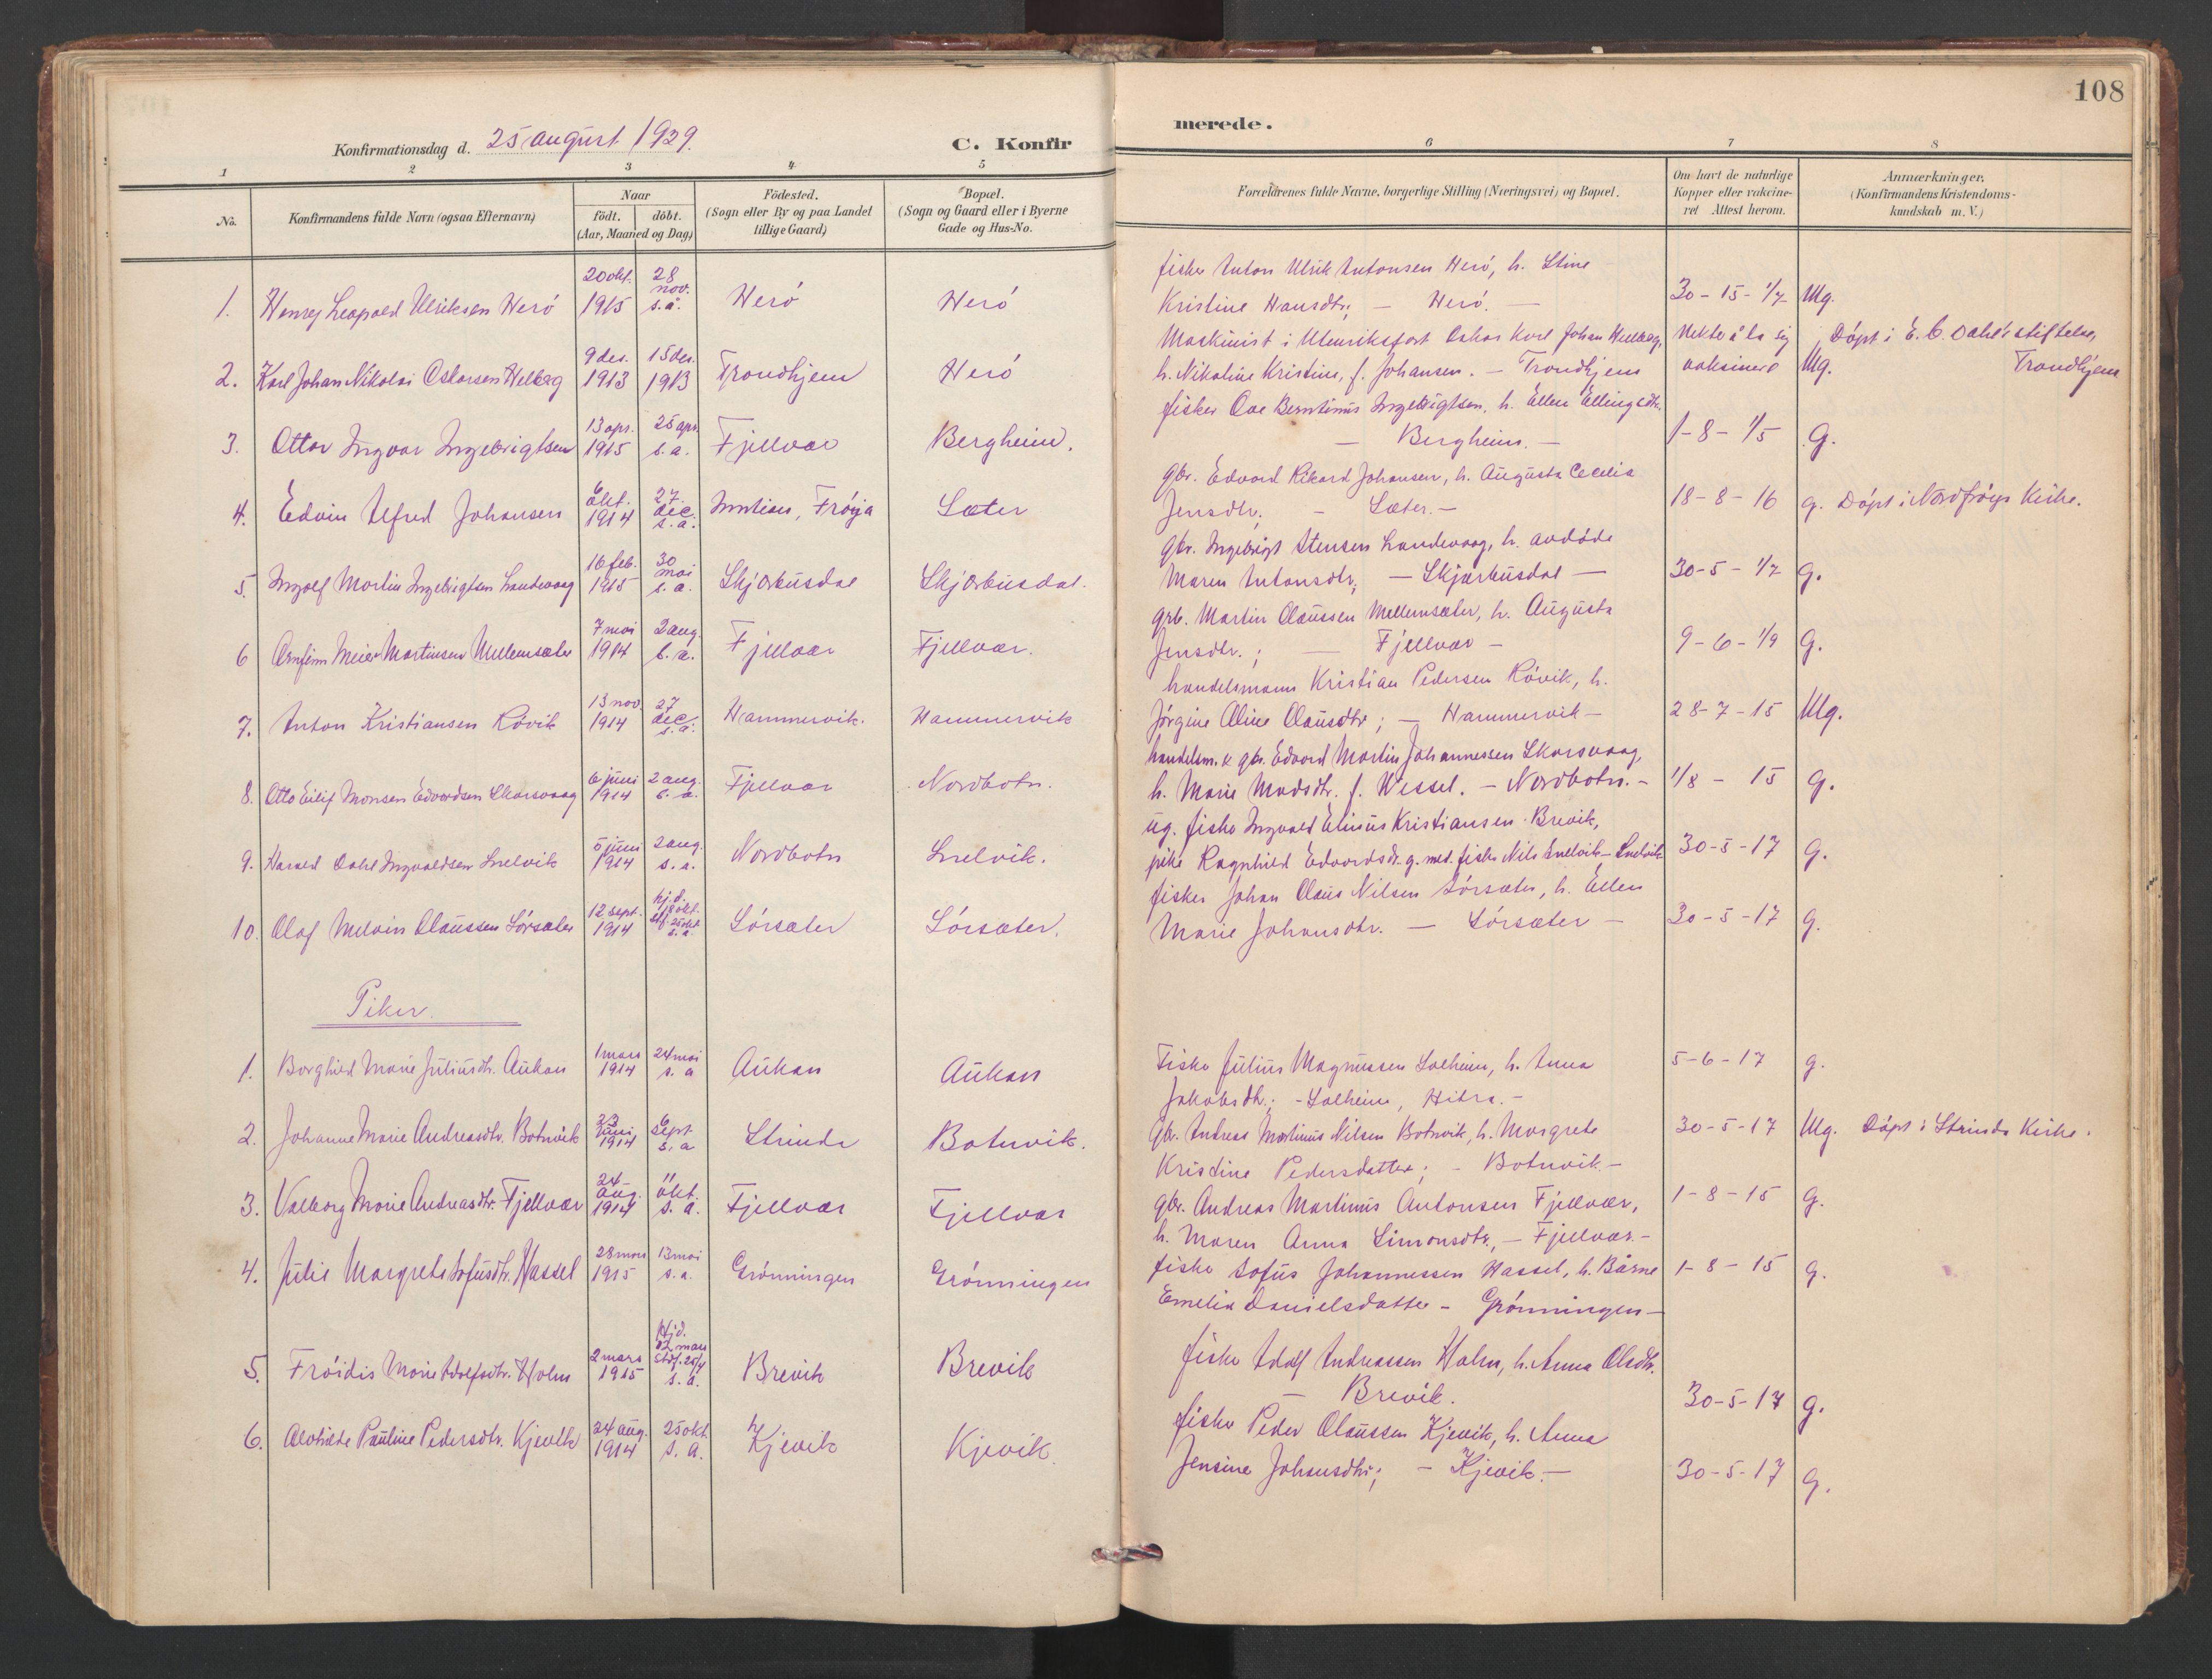 SAT, Ministerialprotokoller, klokkerbøker og fødselsregistre - Sør-Trøndelag, 638/L0571: Klokkerbok nr. 638C03, 1901-1930, s. 108